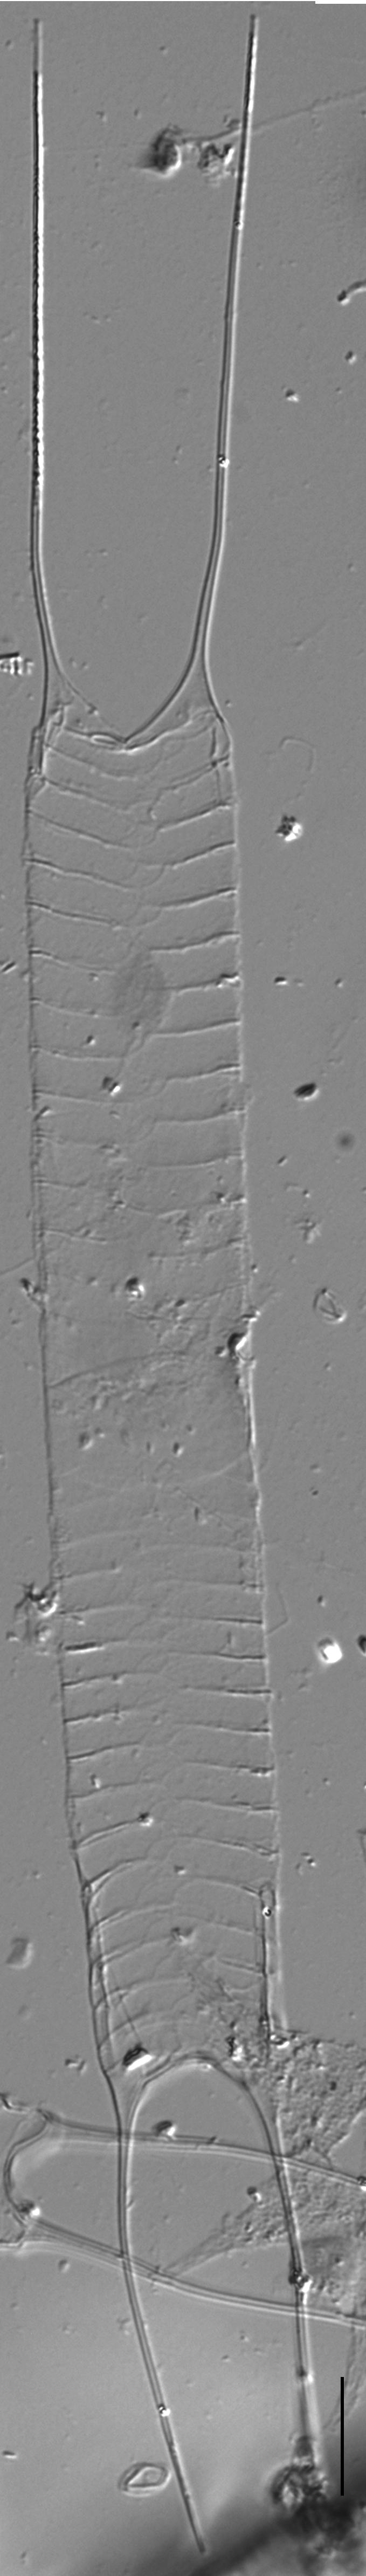 Acanthoceras zachariasii LM3